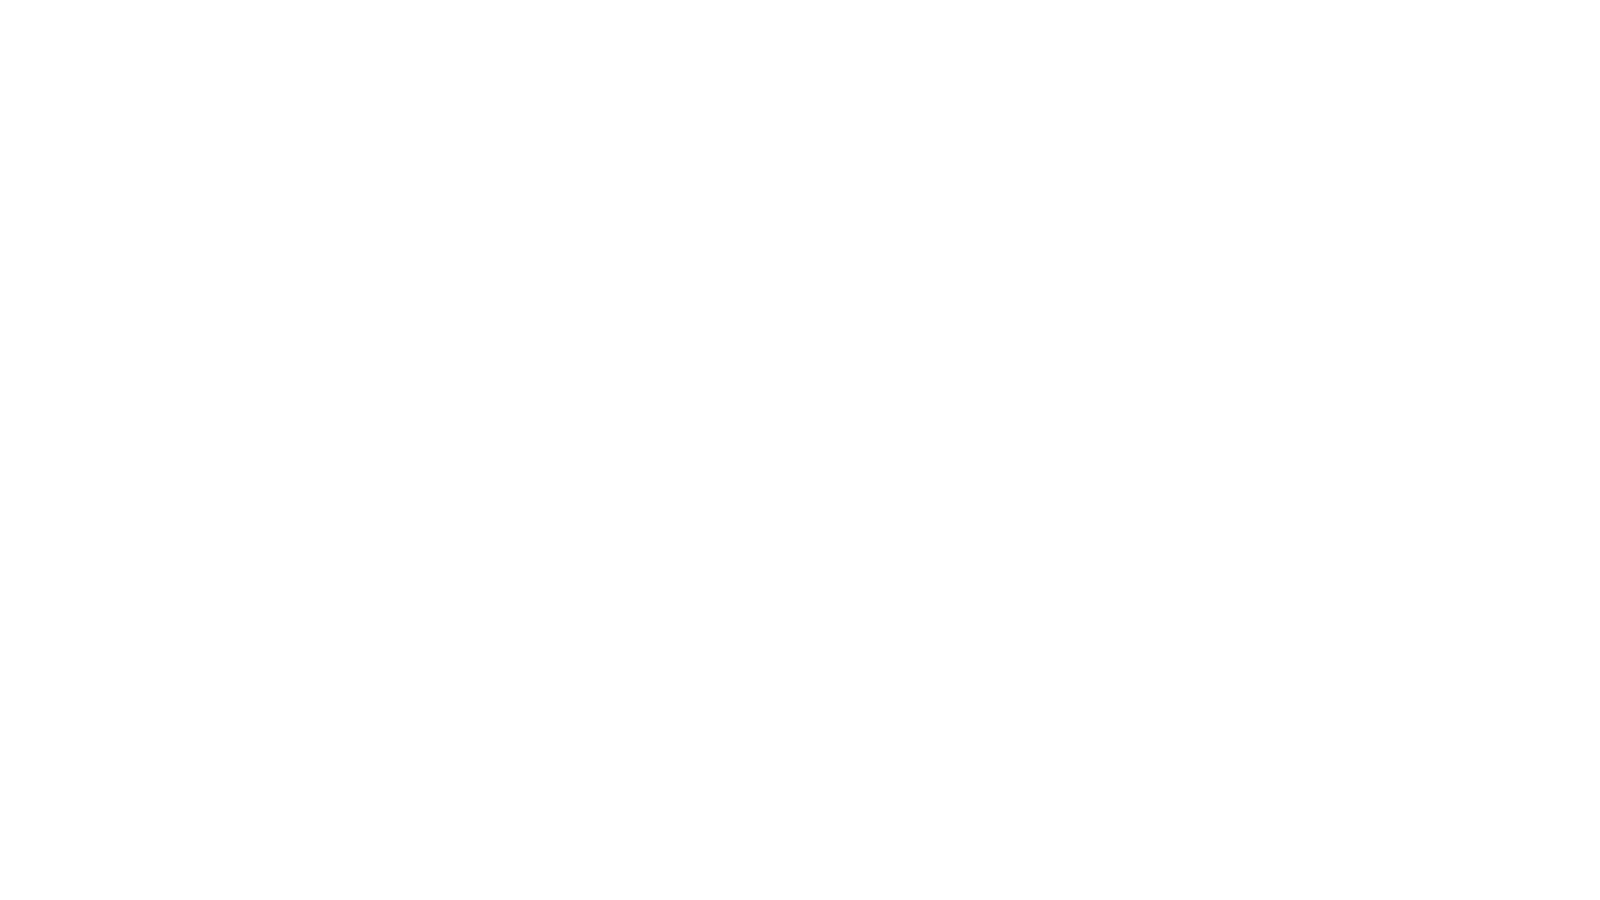 Ефір в «Ранку на Суспільному» від 07.04 в якому розповімо про що потрібно знати аби вибрати найкращий саджанець, підготувати його до посадки та як правильно посадити.  Підписуйся на канал та наші соцмережі, де є багато цінної інформації про розумне садівництво. facebook.com/shoniplants/ — для зв`язку з нами та новин instagram.com/shoni_kyiv_ua/ — для гарних фото та сторіc t.me/Shoniplants — для оповіщення про наші події та письмових статей shoni.kiev.ua — сайт нашого розсадника